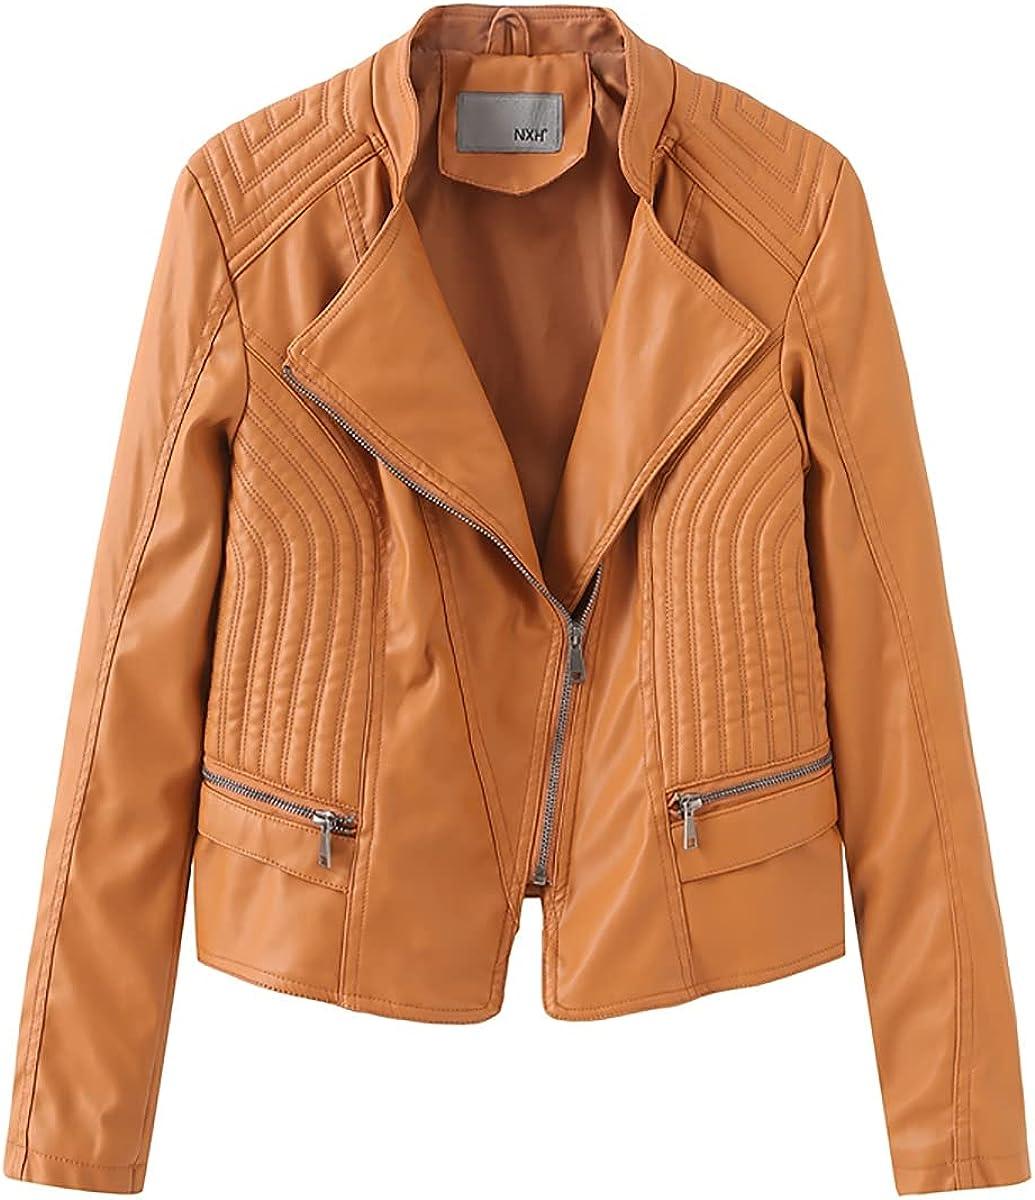 Women's Faux Leather Jacket PU Slim Zip Up Moto Biker Coat Motorcycle Outwear